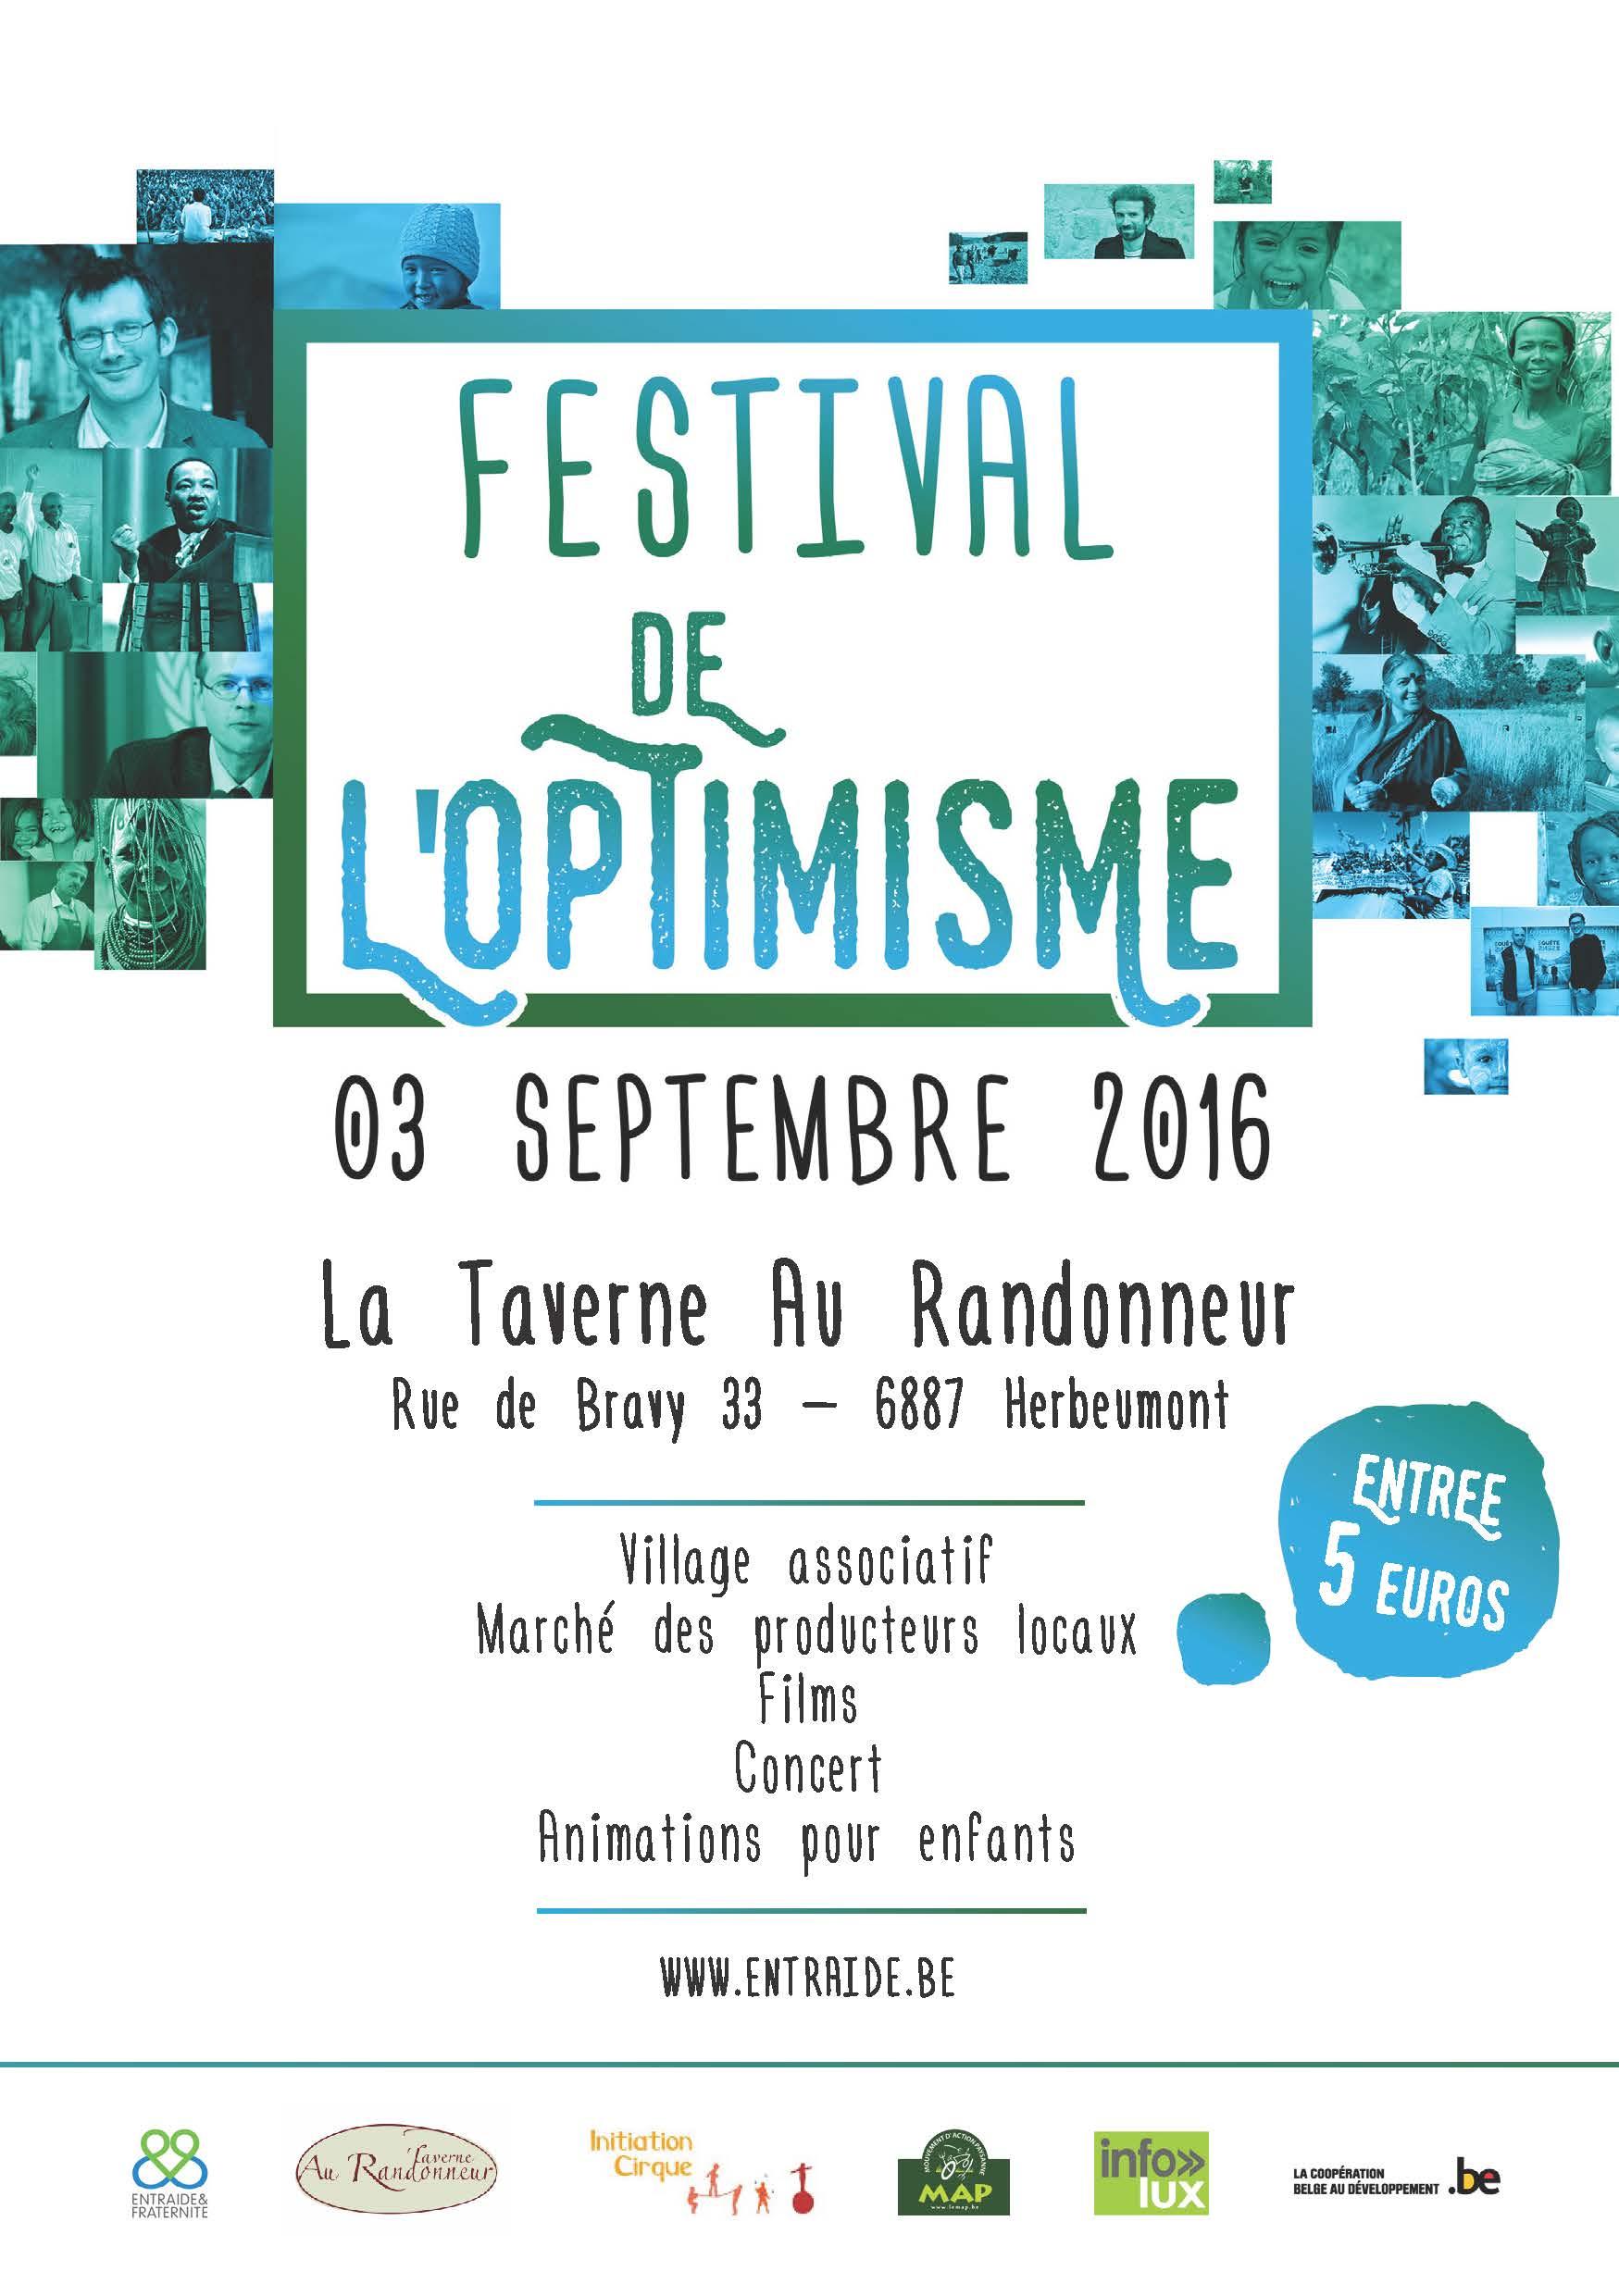 Festival de L'optimisme à Herbeumont